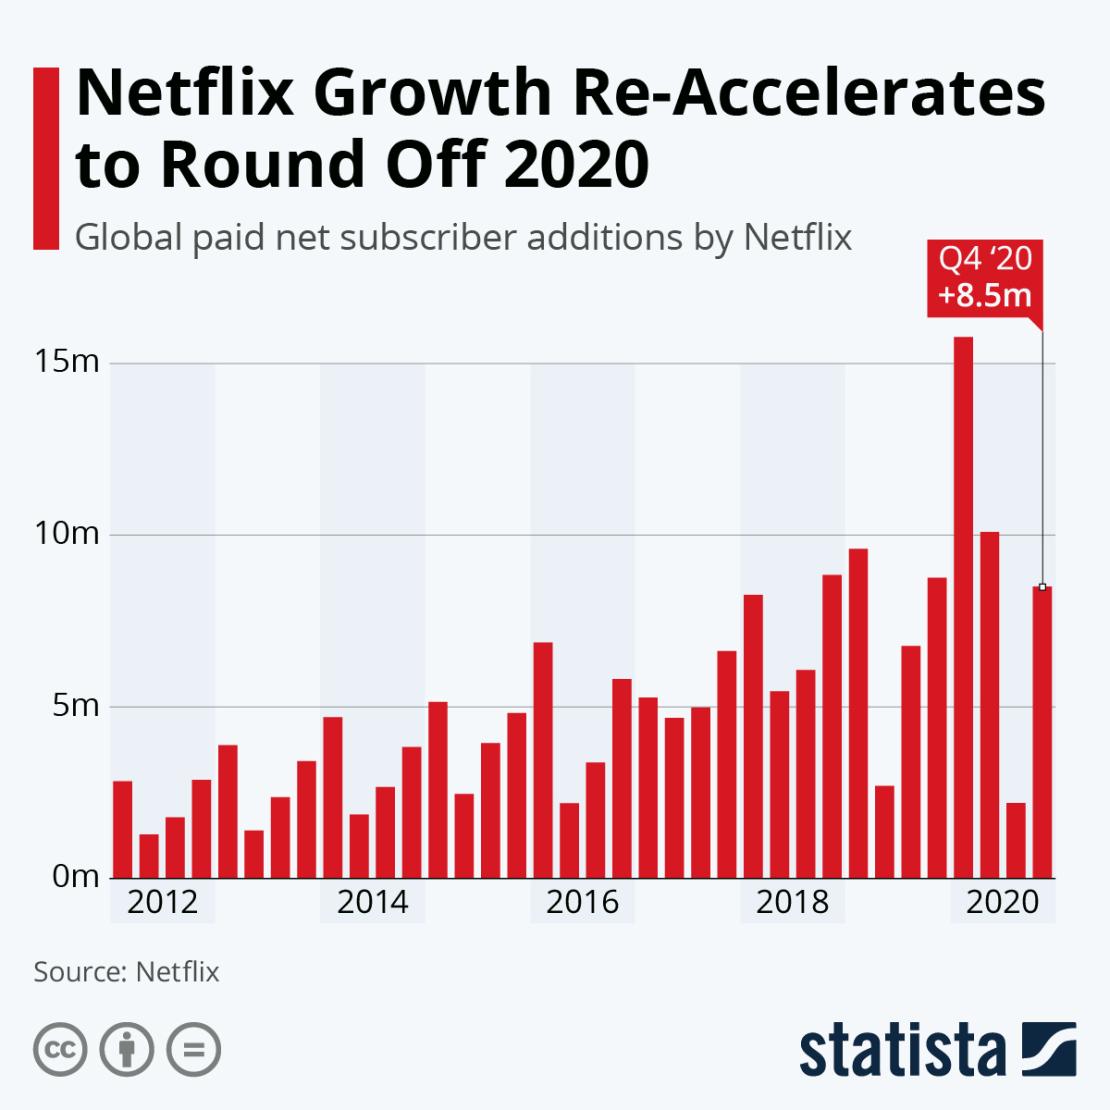 Kwartalny przyrost użytkowników serwisu Netflix od 2012 do 2020 roku